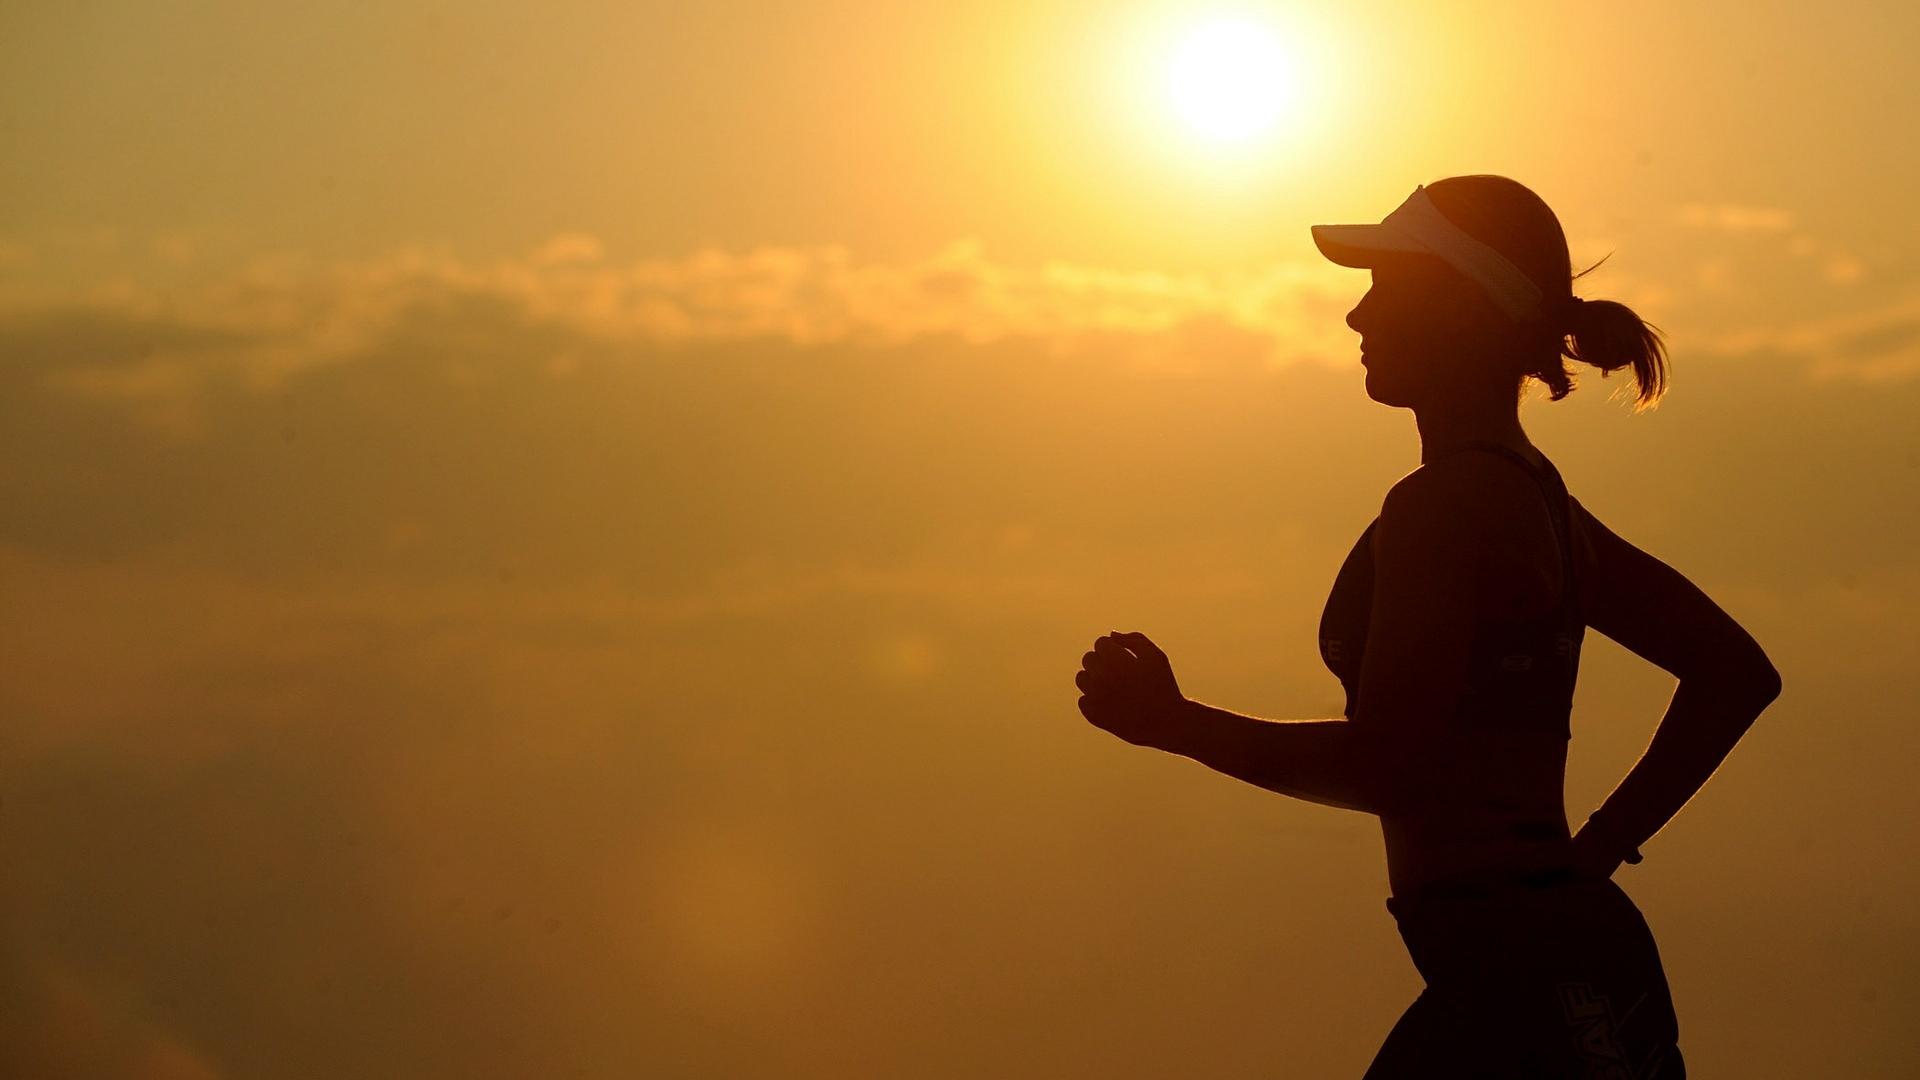 running-573762_1920.jpg